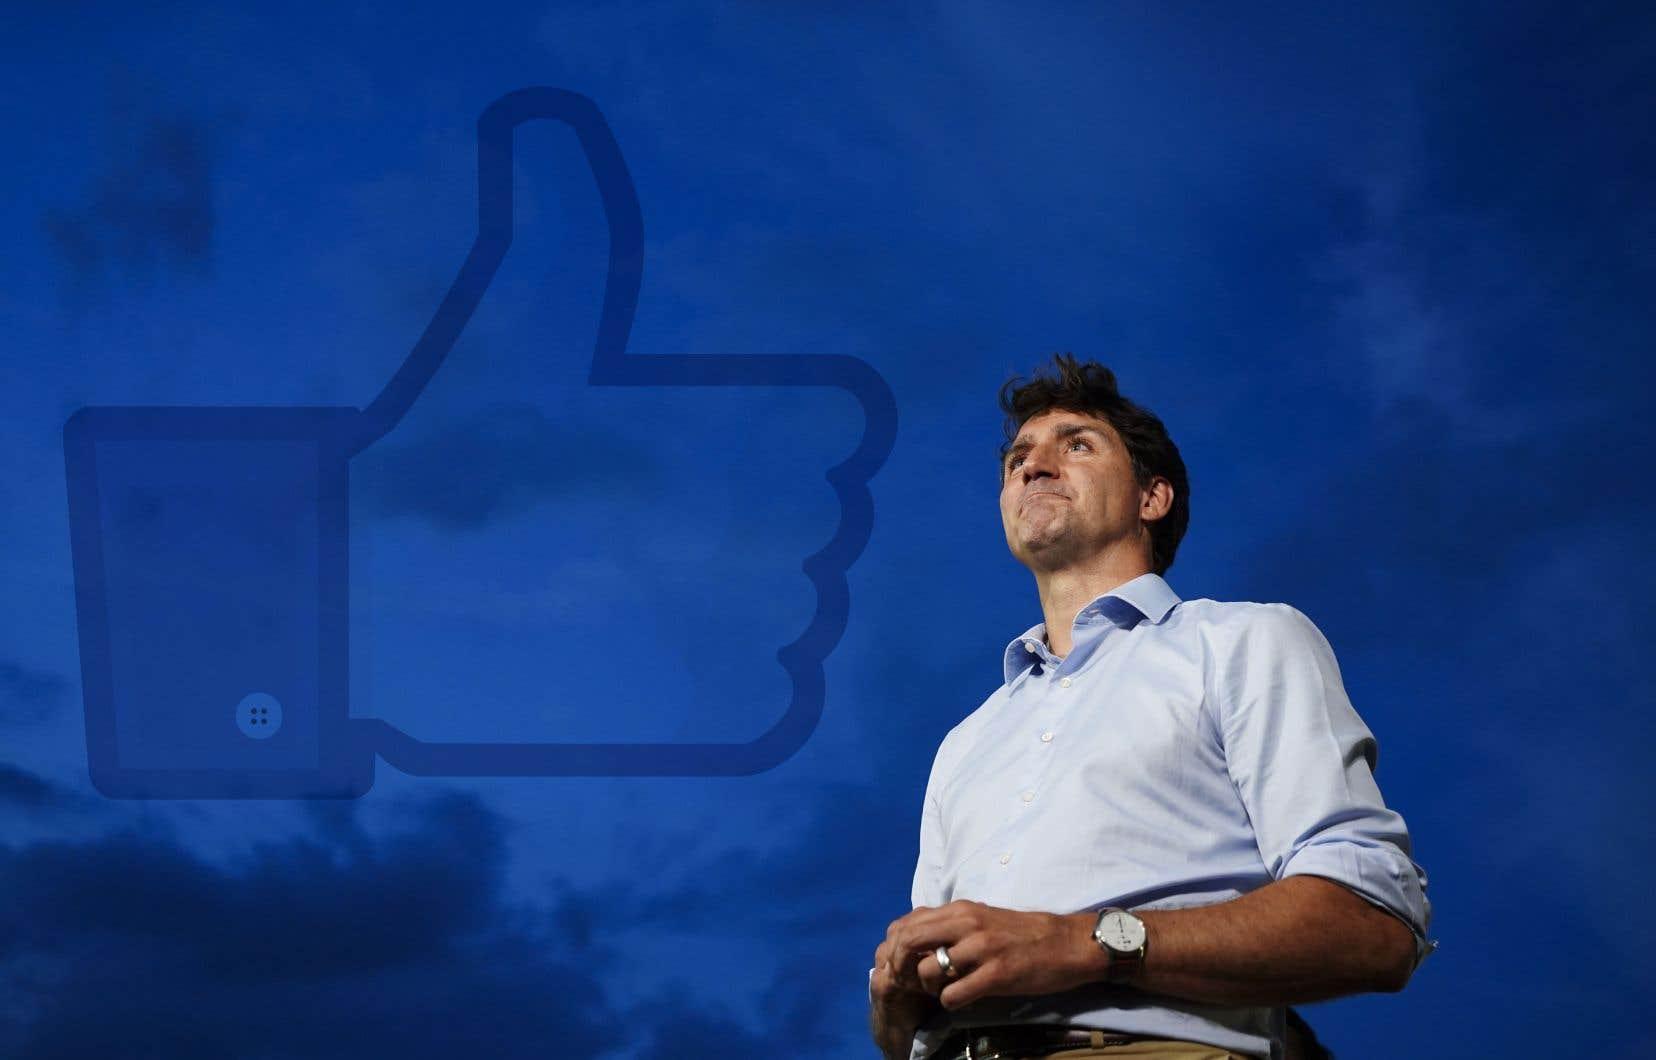 Les différents partis ont envoyé collectivement presque un million de dollars par semaine en Californie à la multinationale Facebook pour leur campagne en ligne.